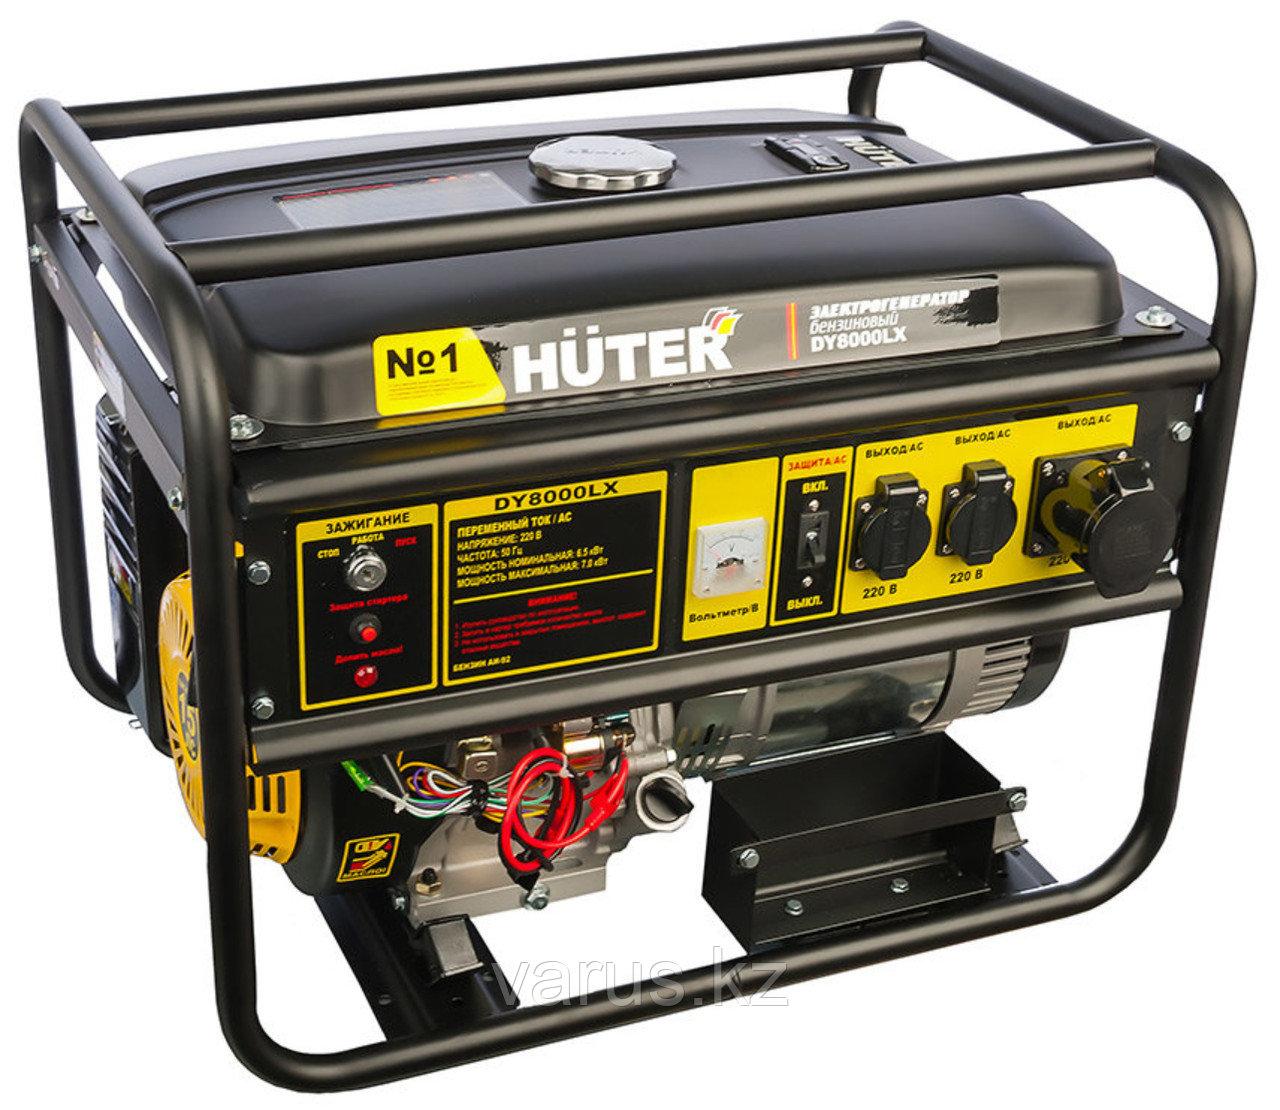 Электрогенератор бензиновый DY8000LX со стартером